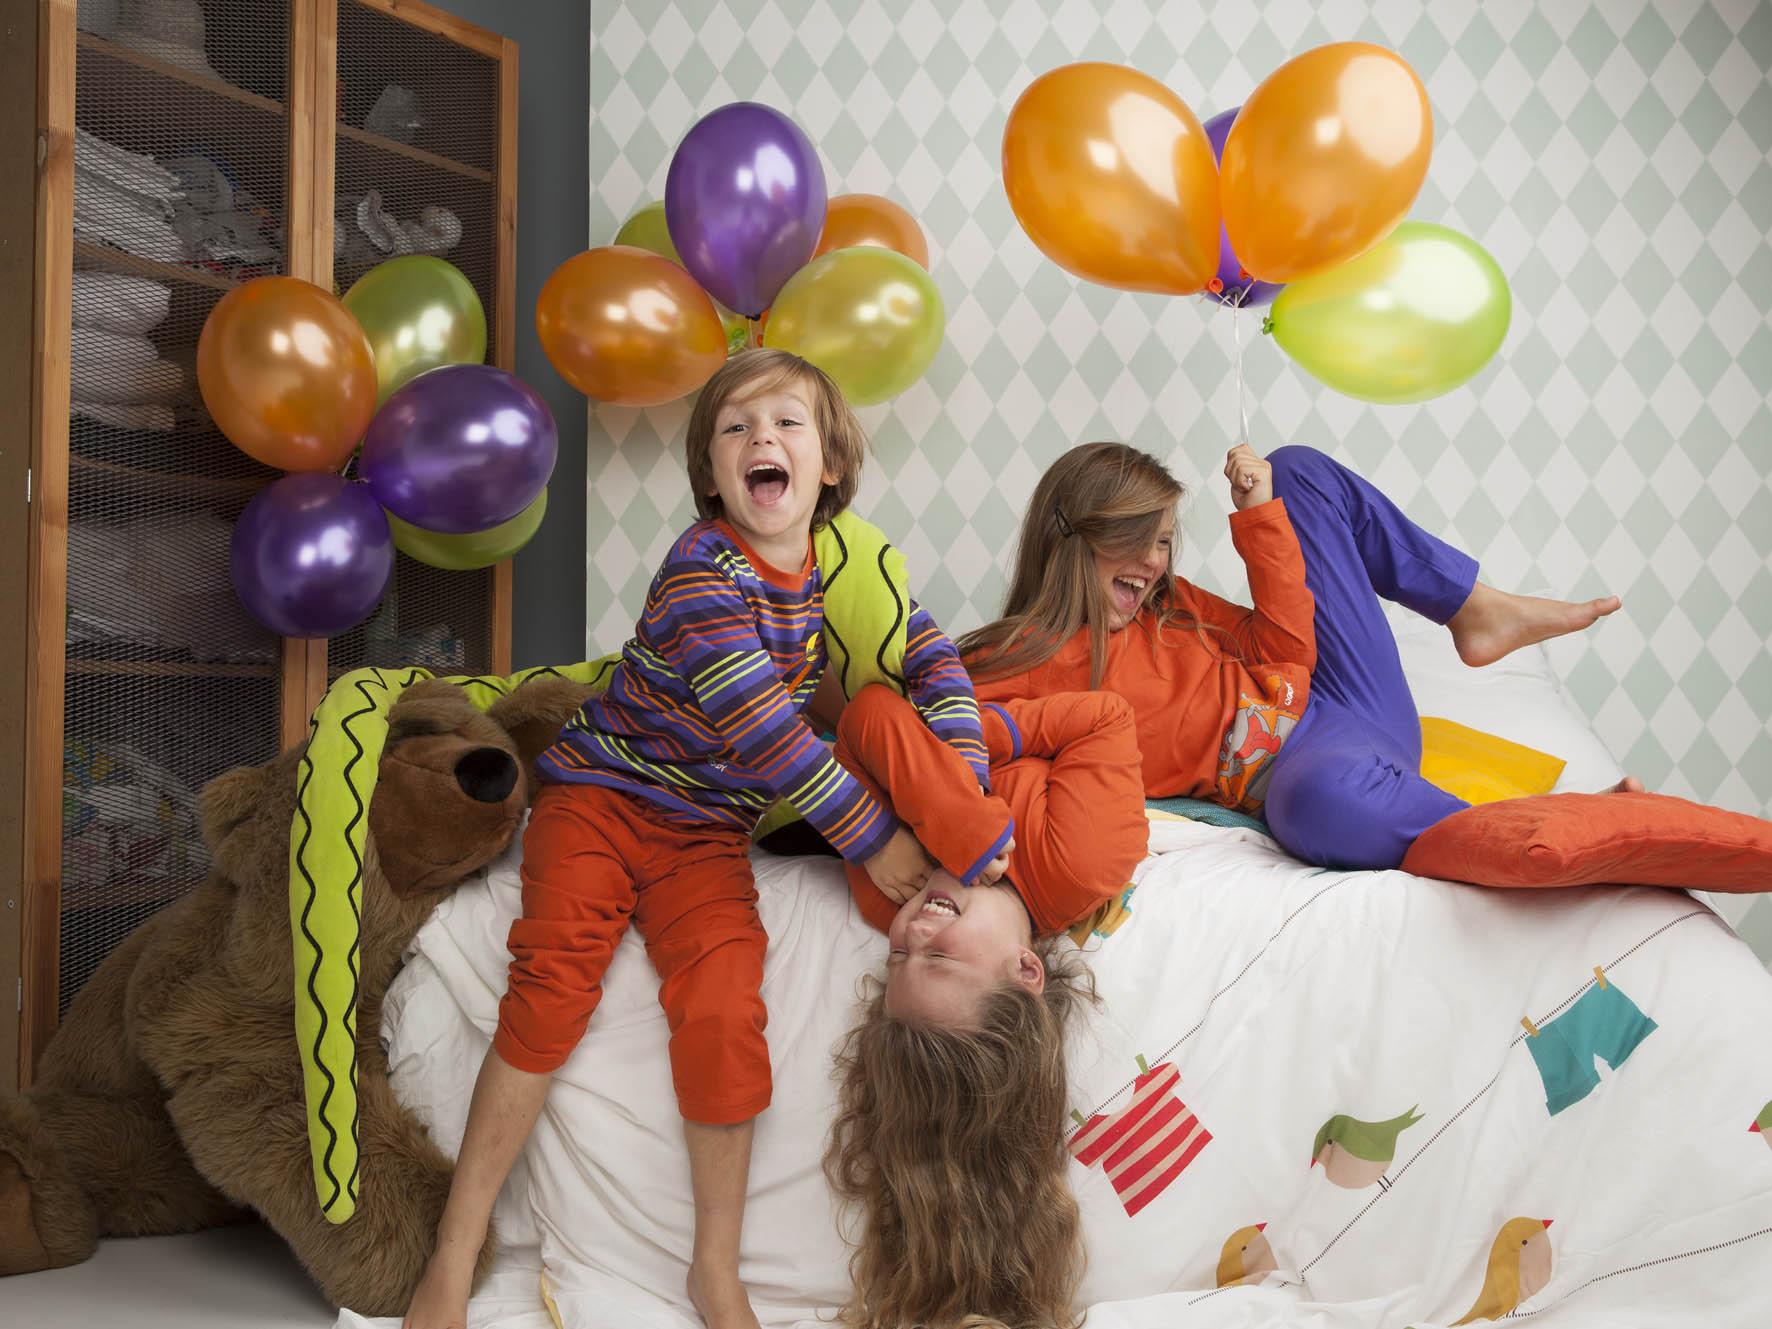 Dlaczego balony są wyjątkowe?